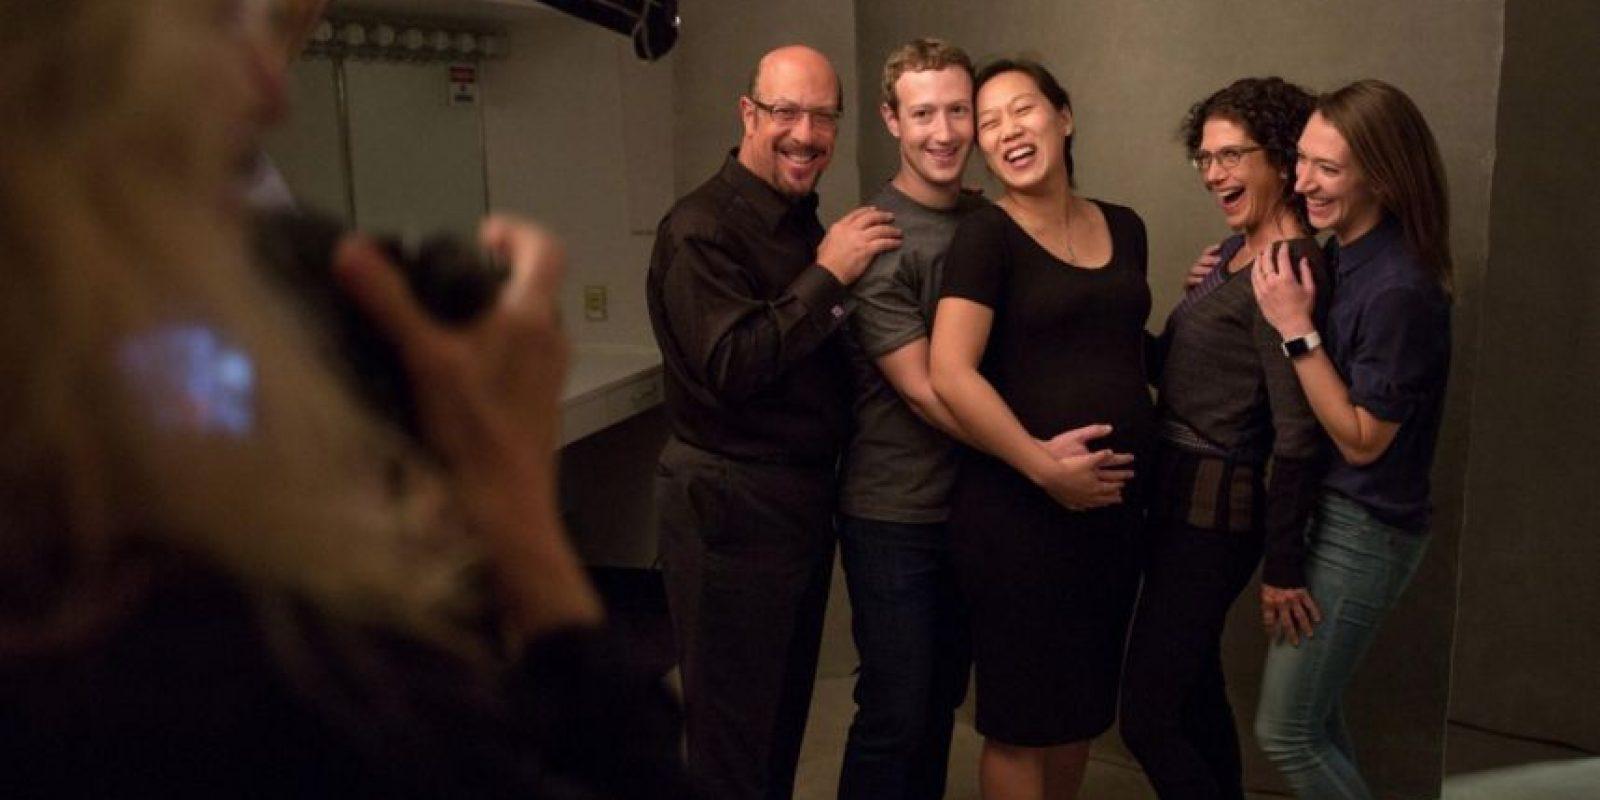 Sus amigos los rodean en todo momento. Foto:facebook.com/zuck